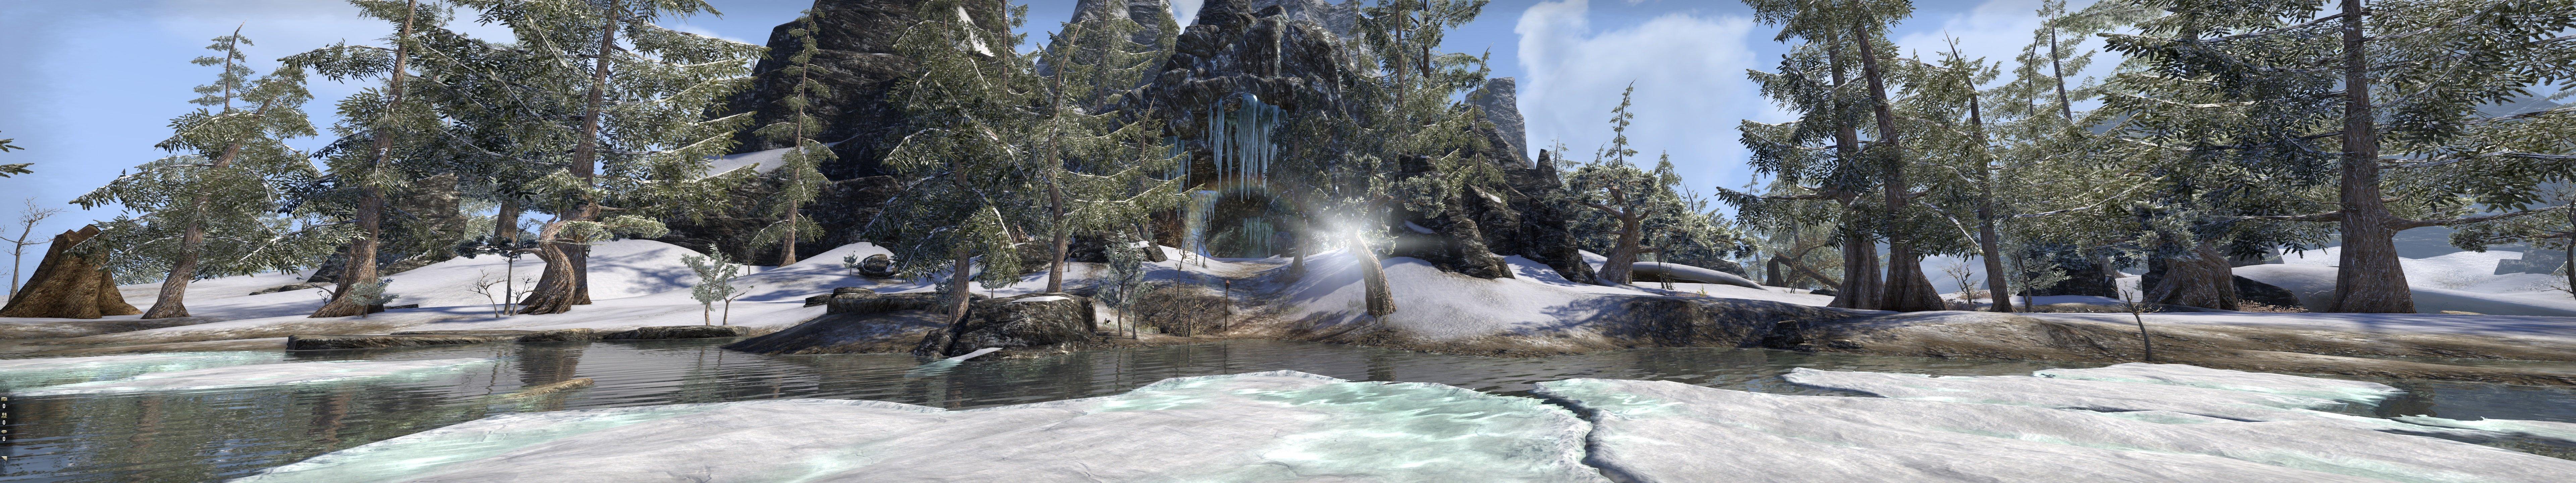 Пачка скриншотов из The Elder Scrolls Online на максимальных настройках в разрешении 7680x1440 - Изображение 2